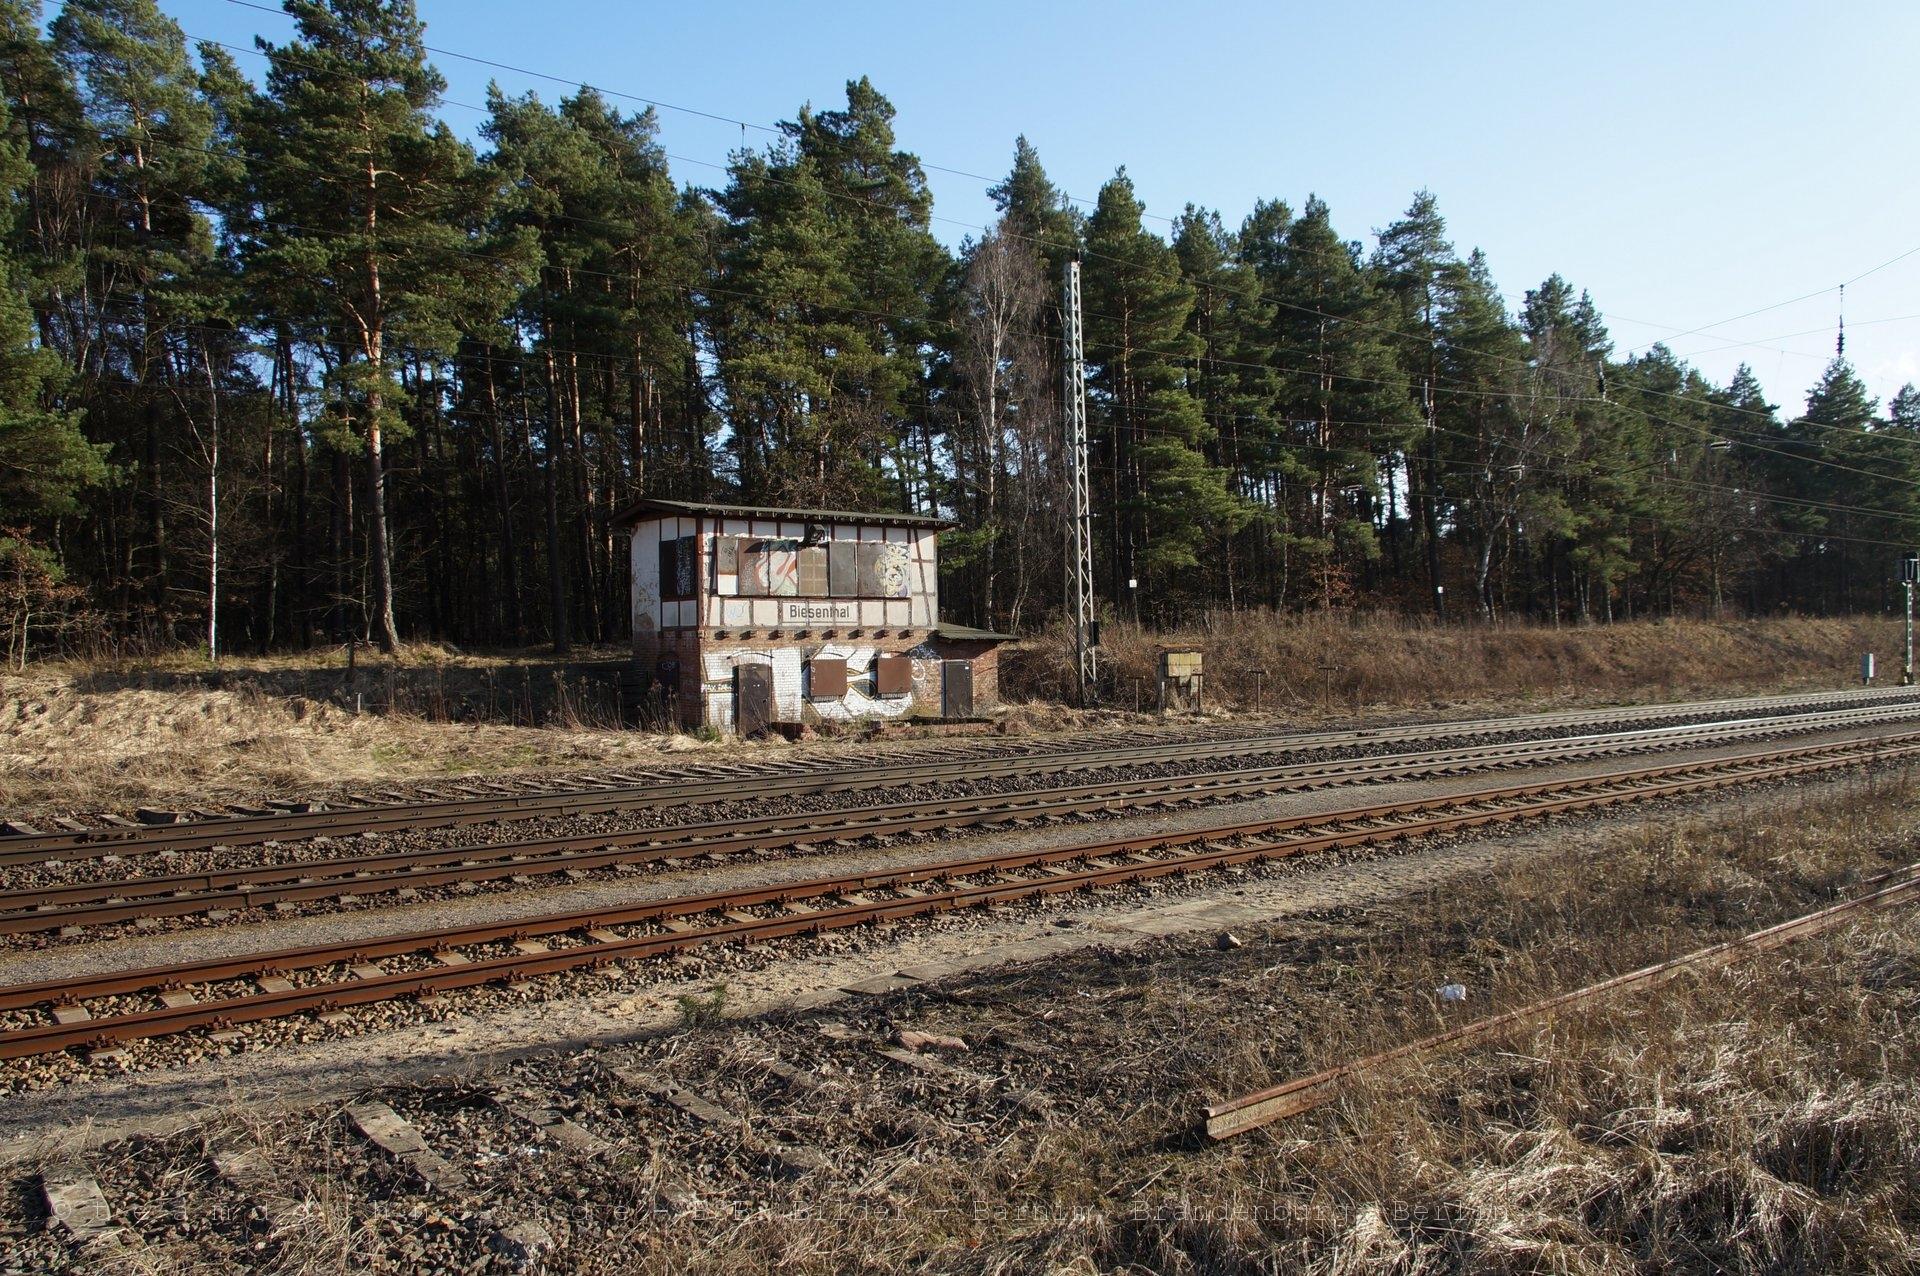 nördliches Stellwerk am Bahnhof Biesenthal